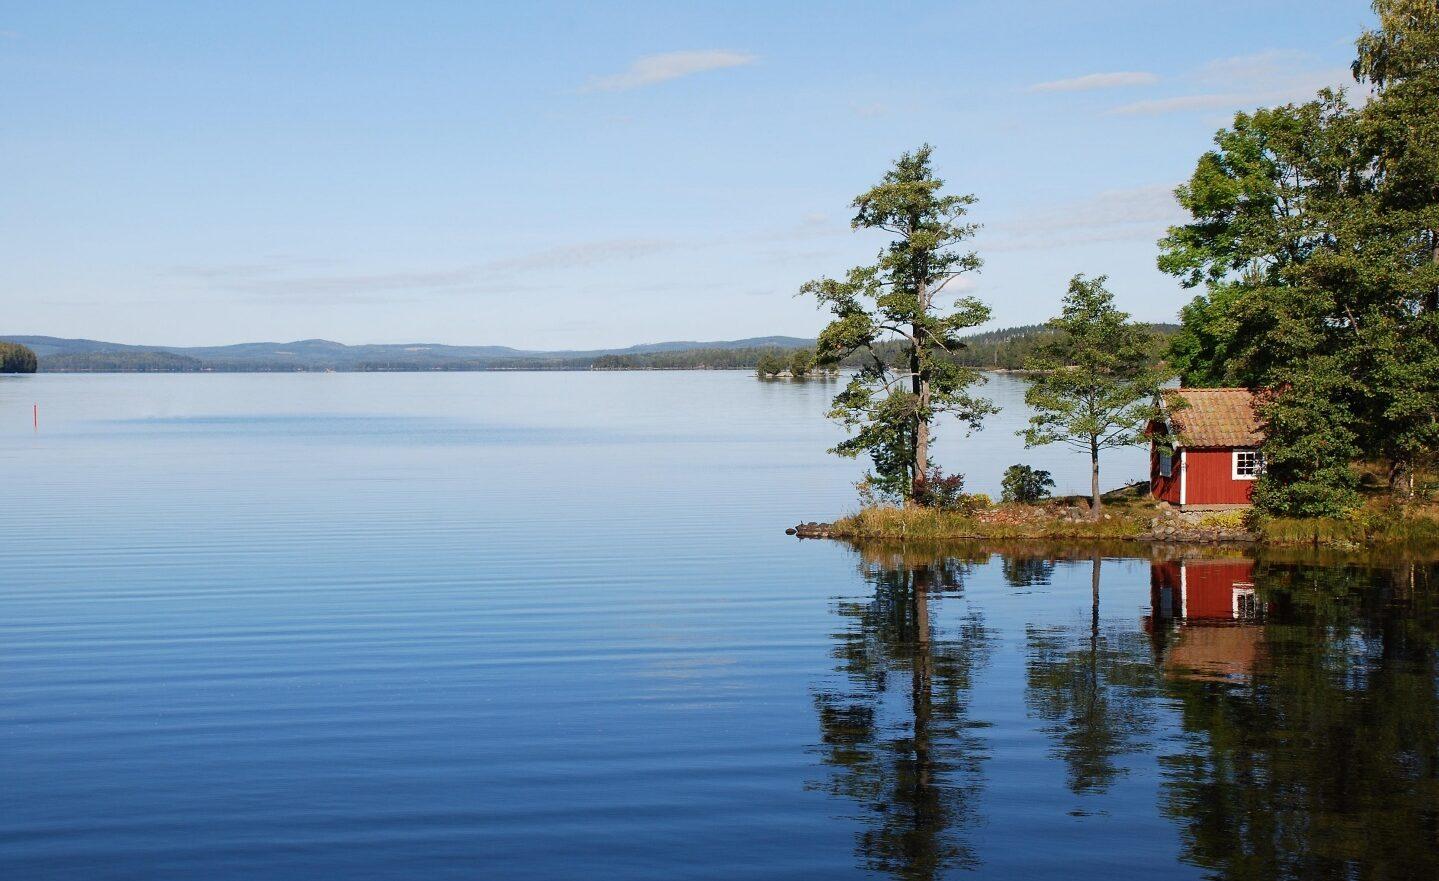 Lagom, egy életérzés Svédországból